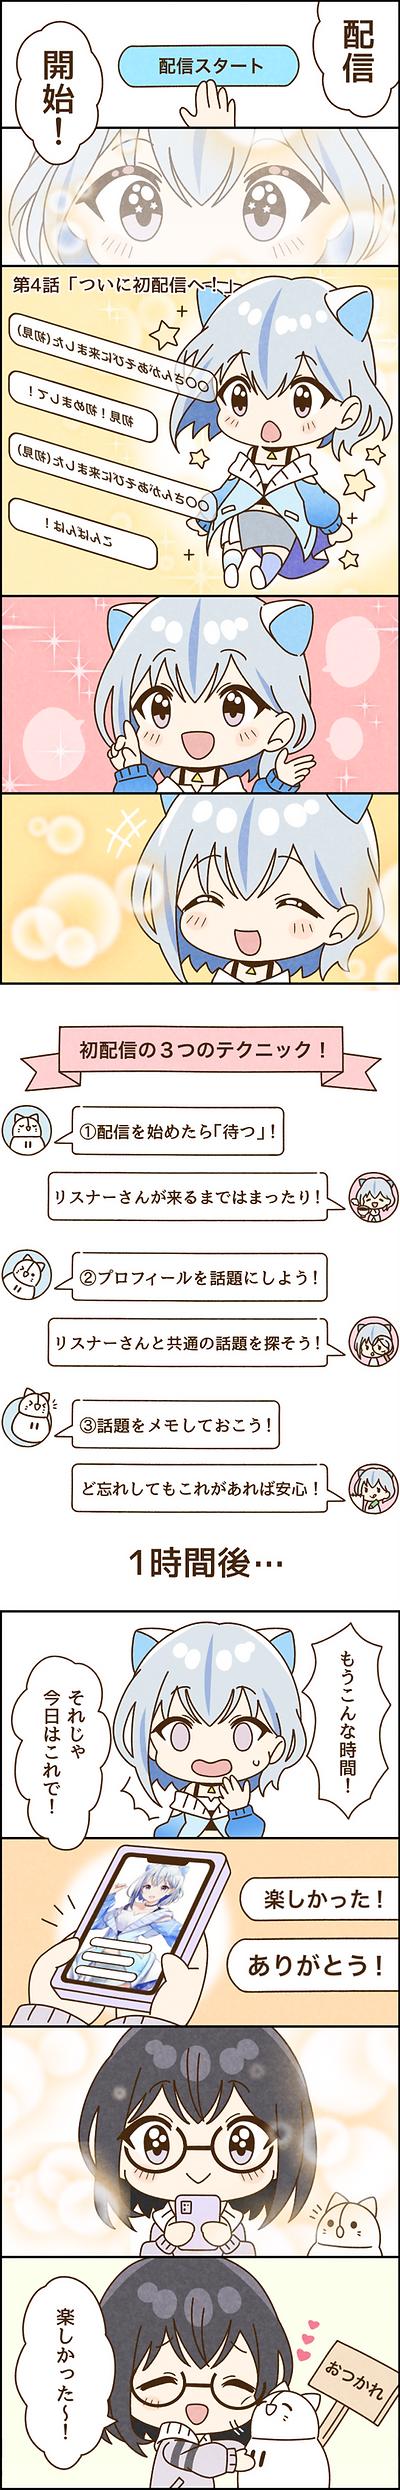 manga-ep4.png